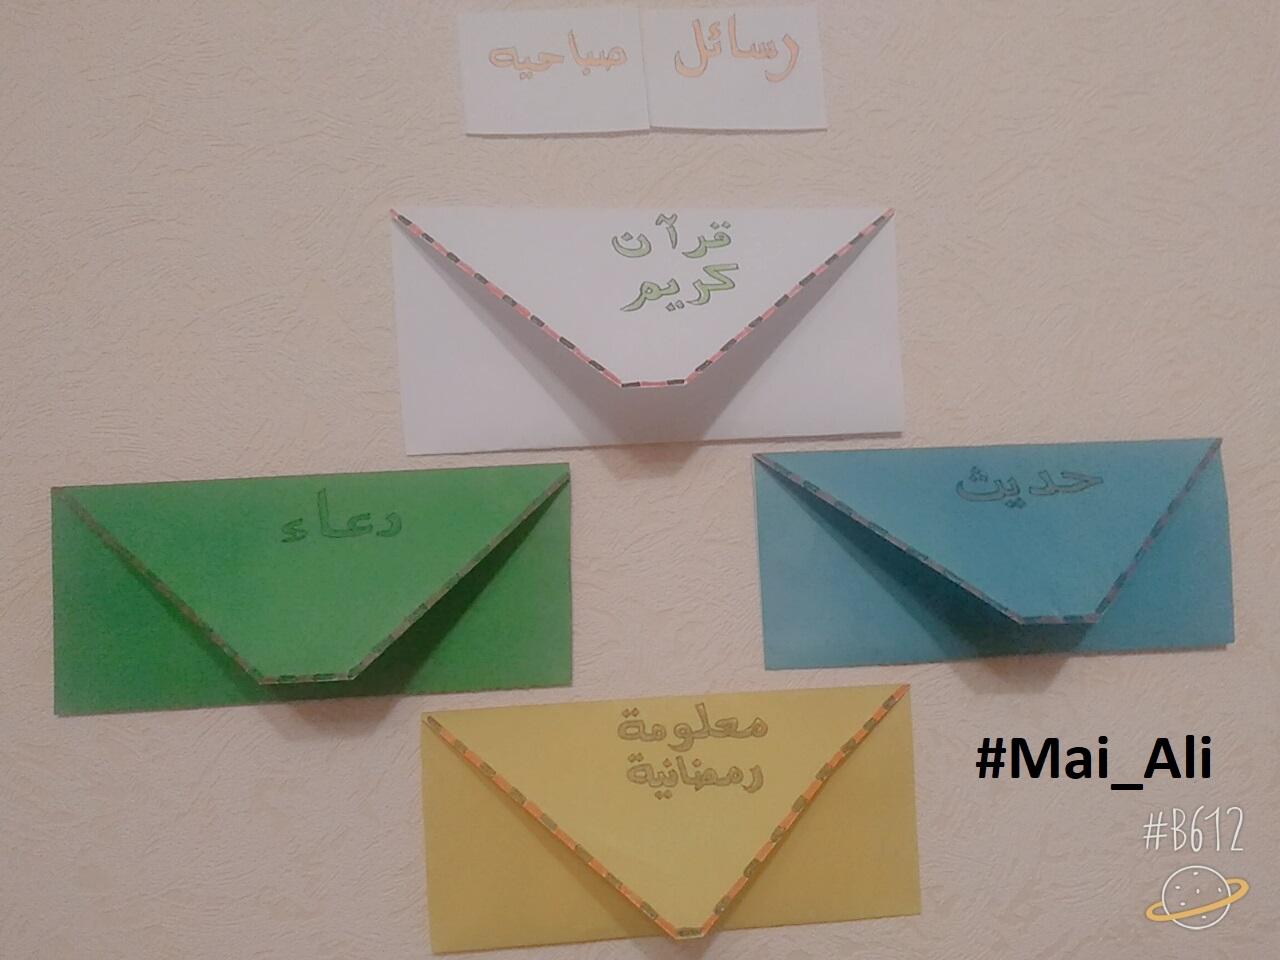 رمضان, أنشطة منزلية, أطفال, شهر رمضان, تربية, دين, رسائل, صباح